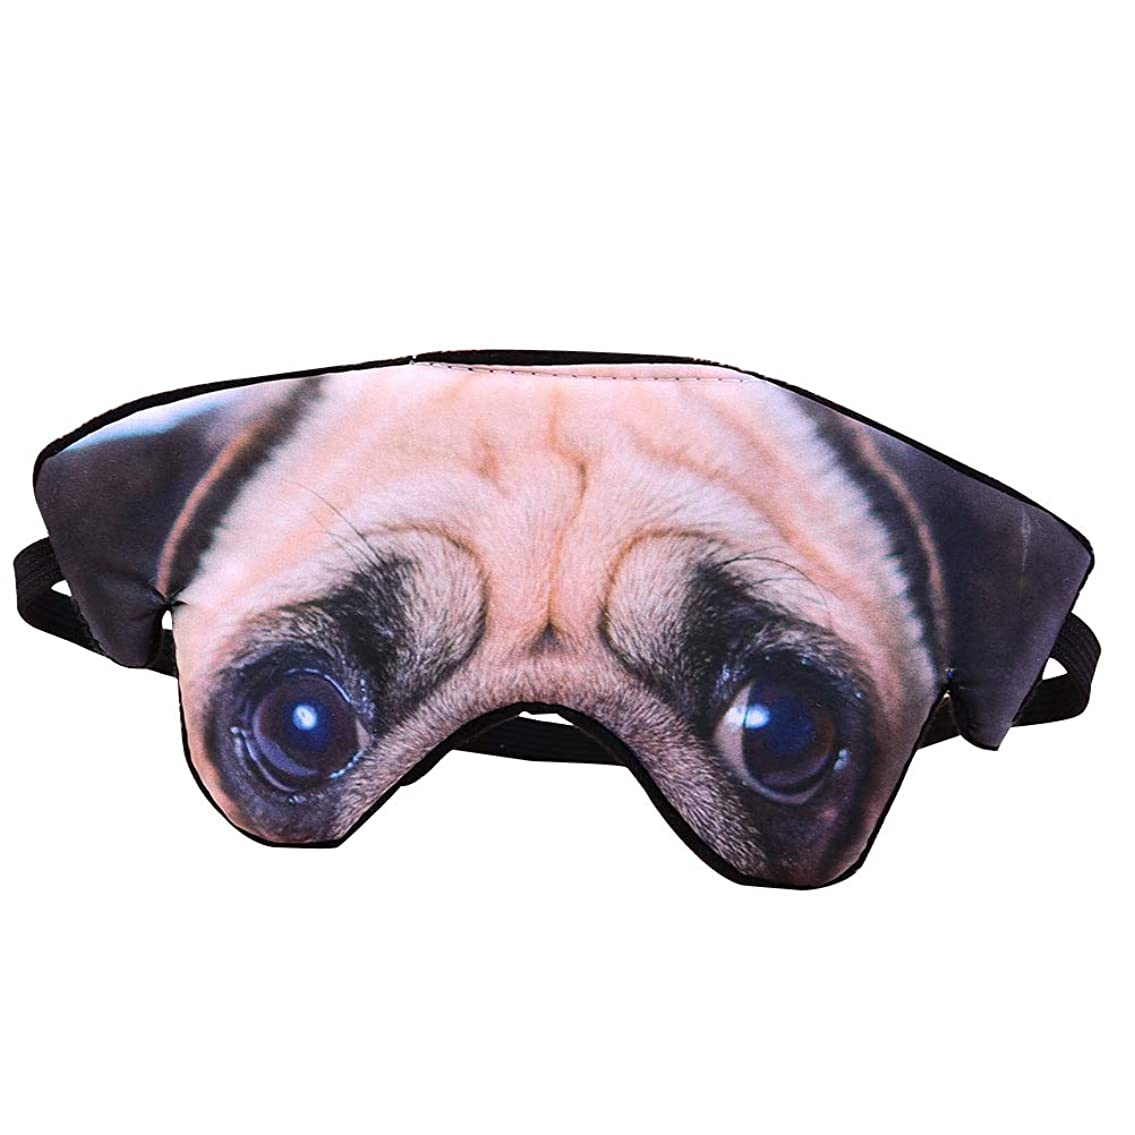 達成十代勃起SUPVOX かわいい睡眠マスク目の睡眠マスクの子供のアイマスクパグのパターン(パグ)